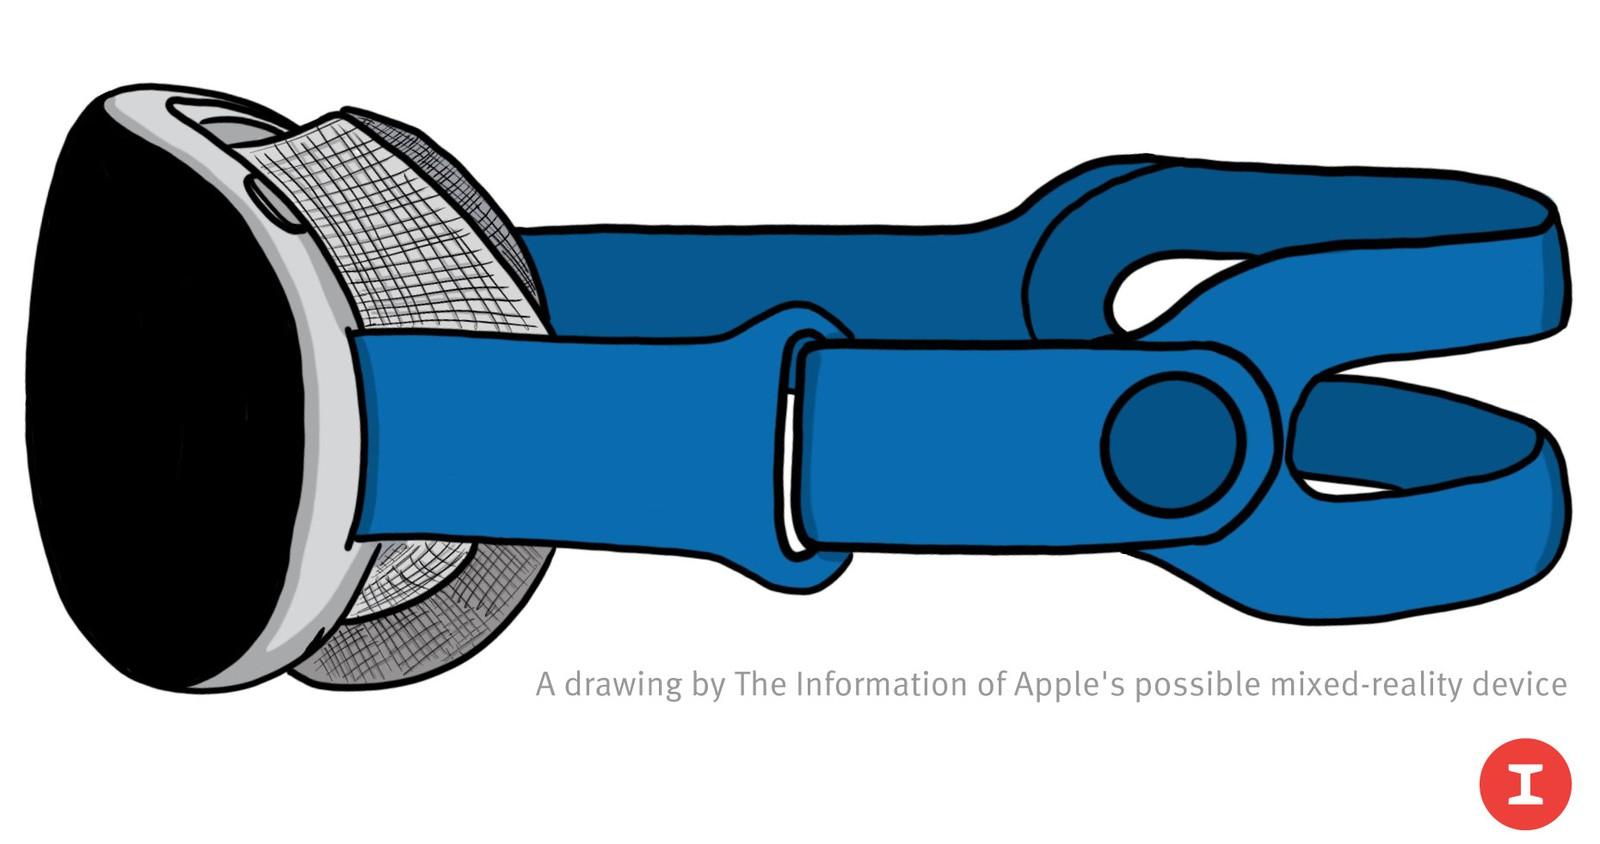 Apple Mixed Reality